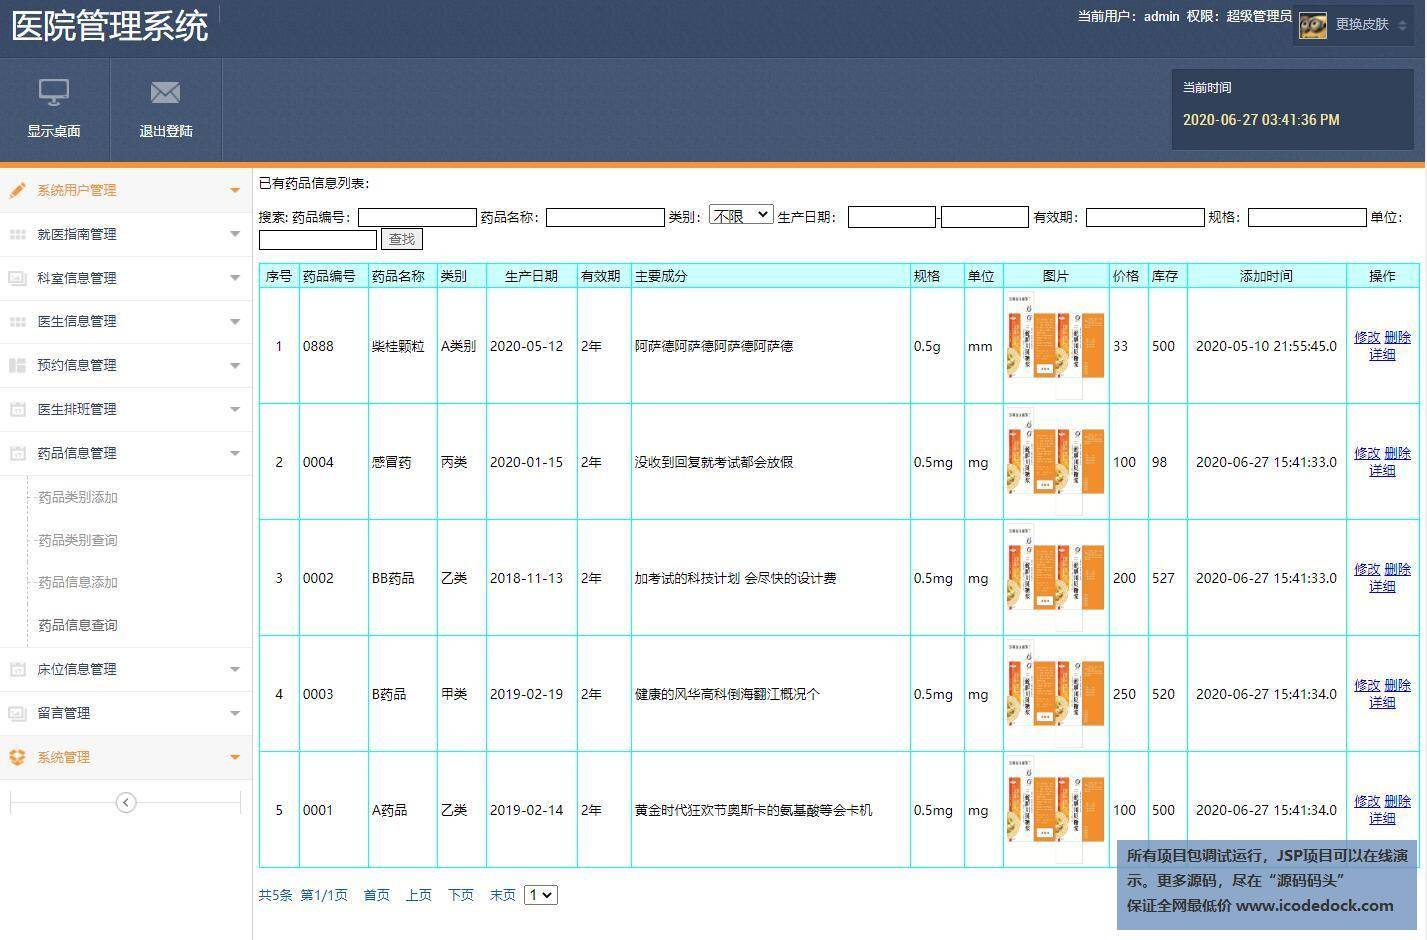 源码码头-JSP医院信息管理系统-管理员角色-药品信息管理